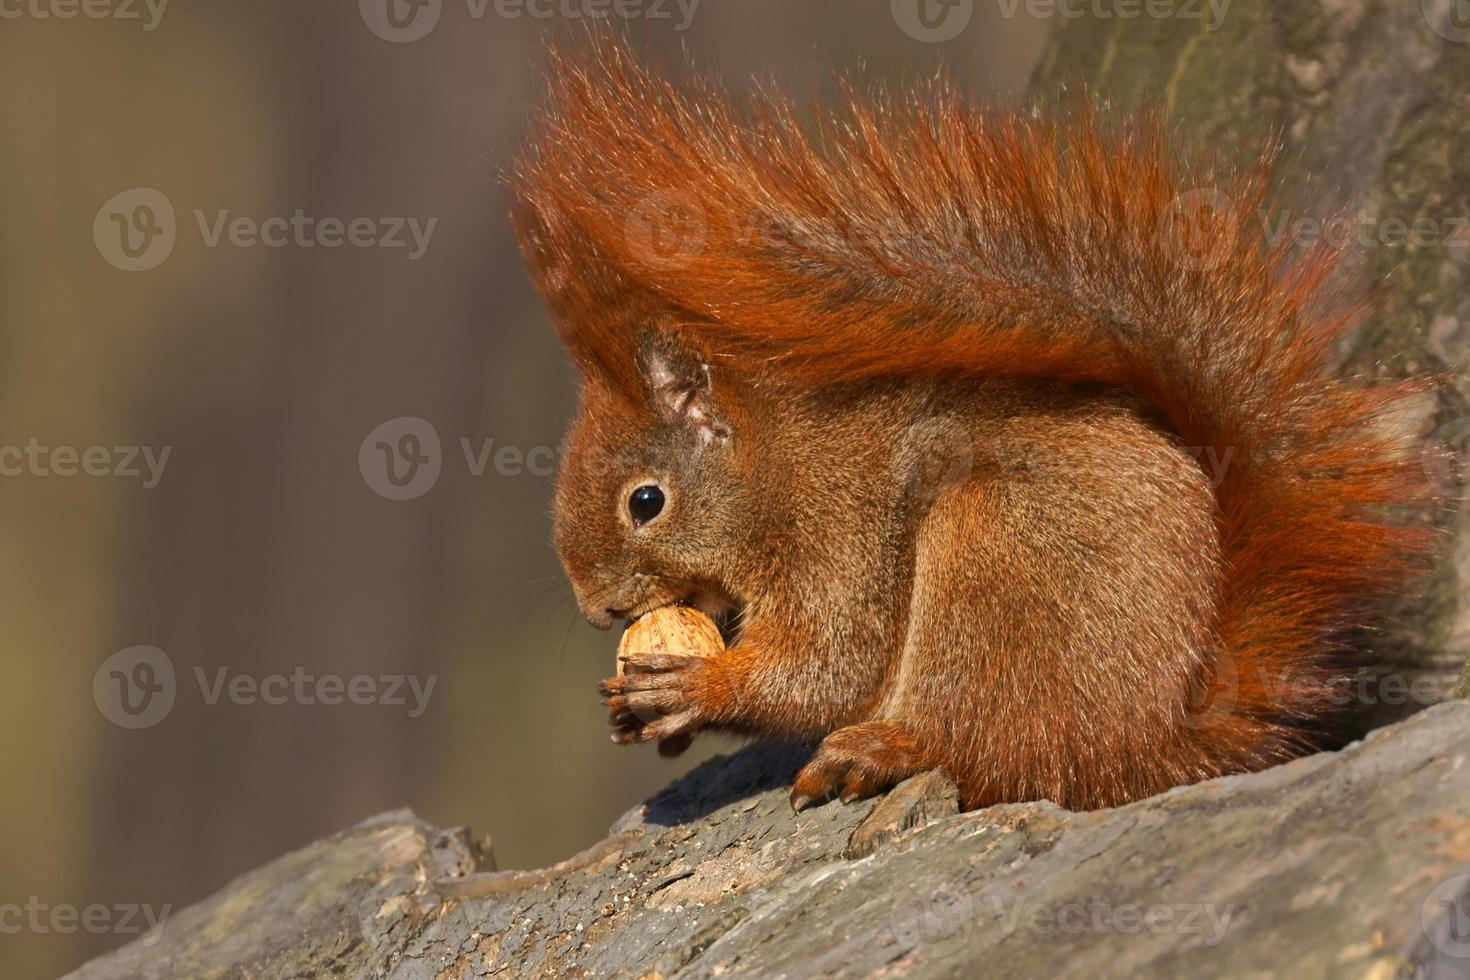 Red squirrel (Sciurus vulgaris) eating walnuts photo